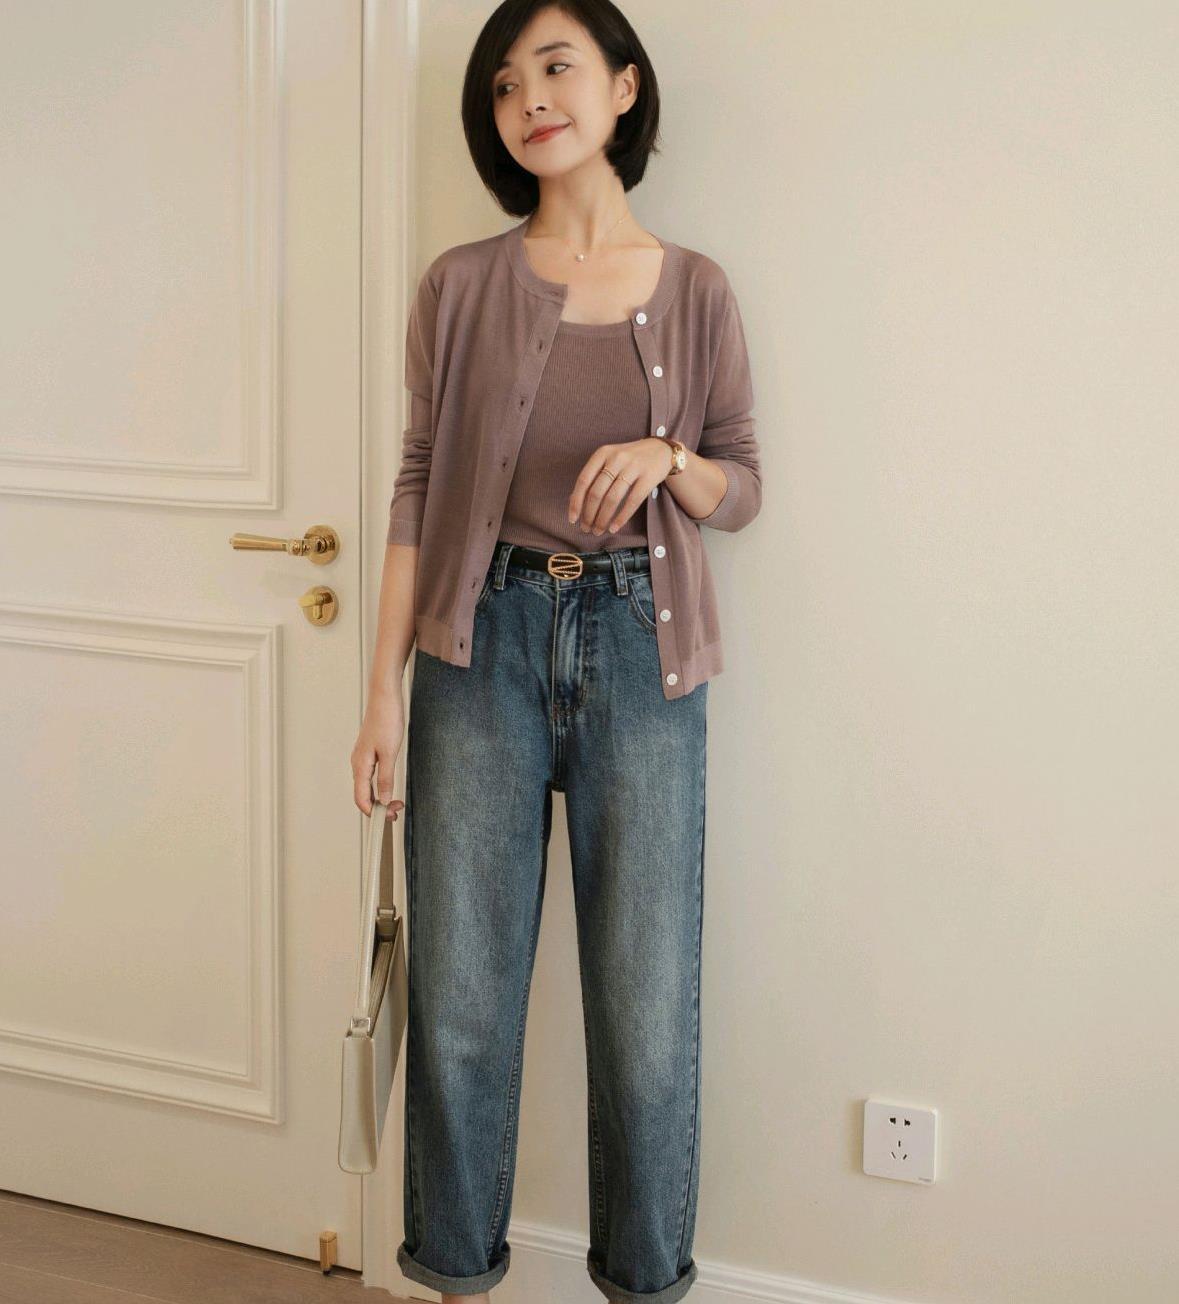 早秋穿搭并不难,针织开衫搭配牛仔裤,简单优雅,又尽显女人味